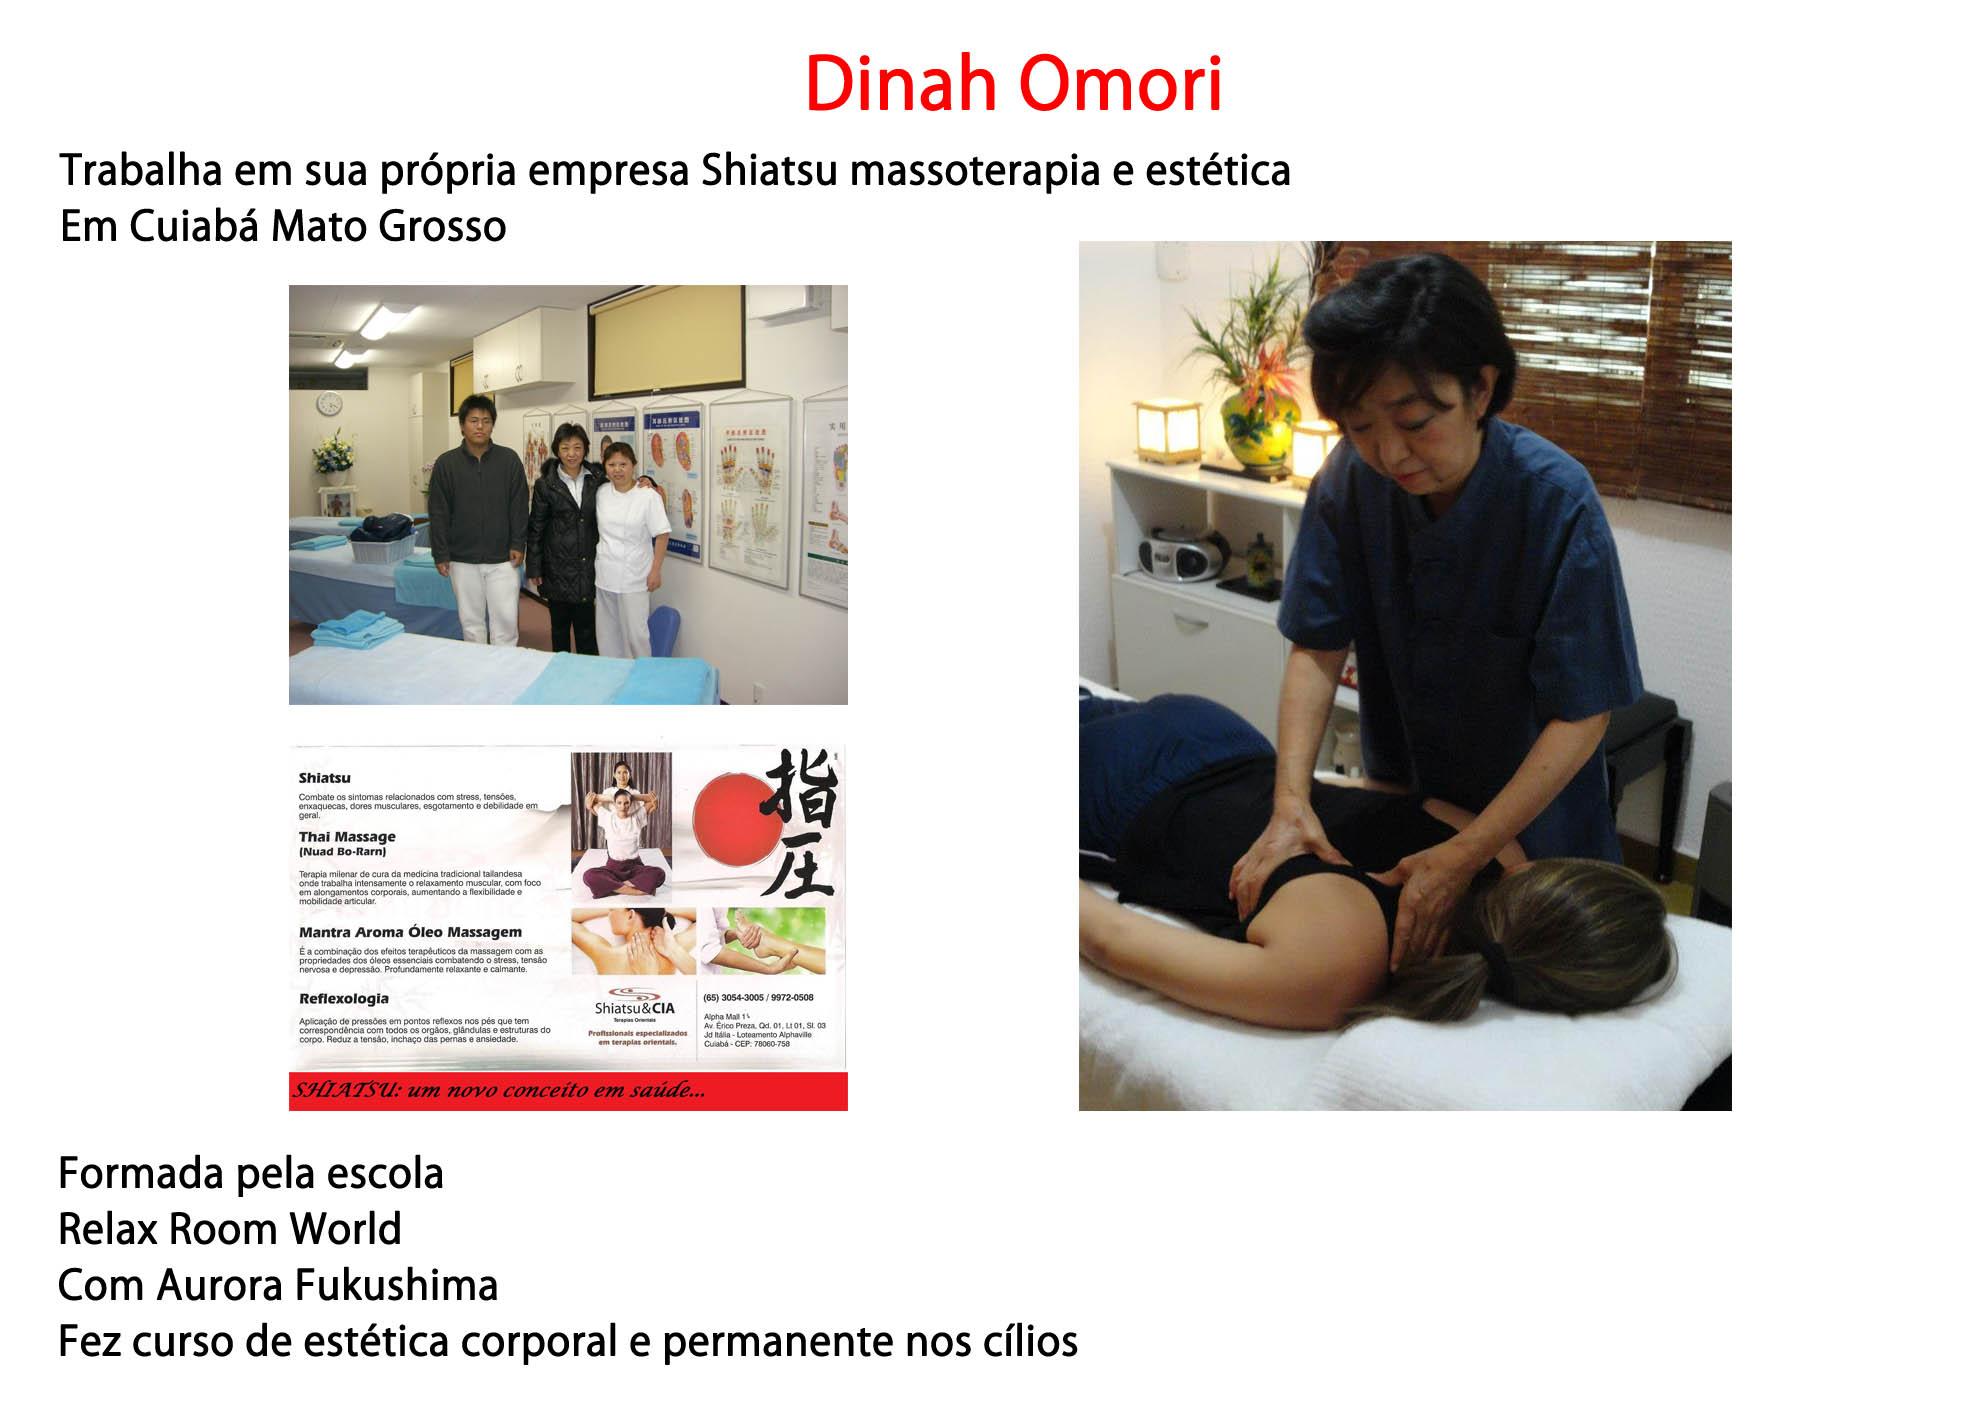 Dinah Omori